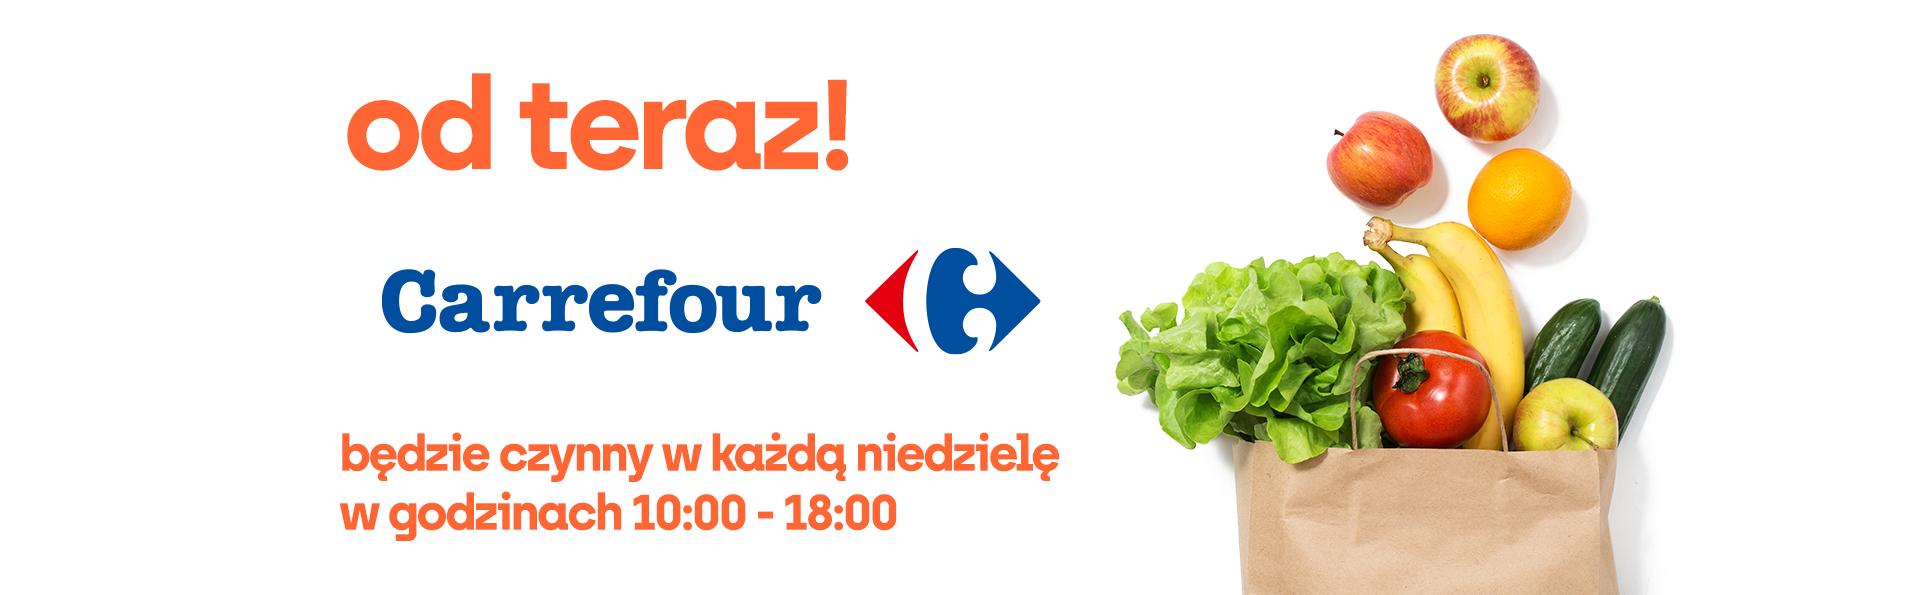 Carrefour czynny w każdą niedzielę!